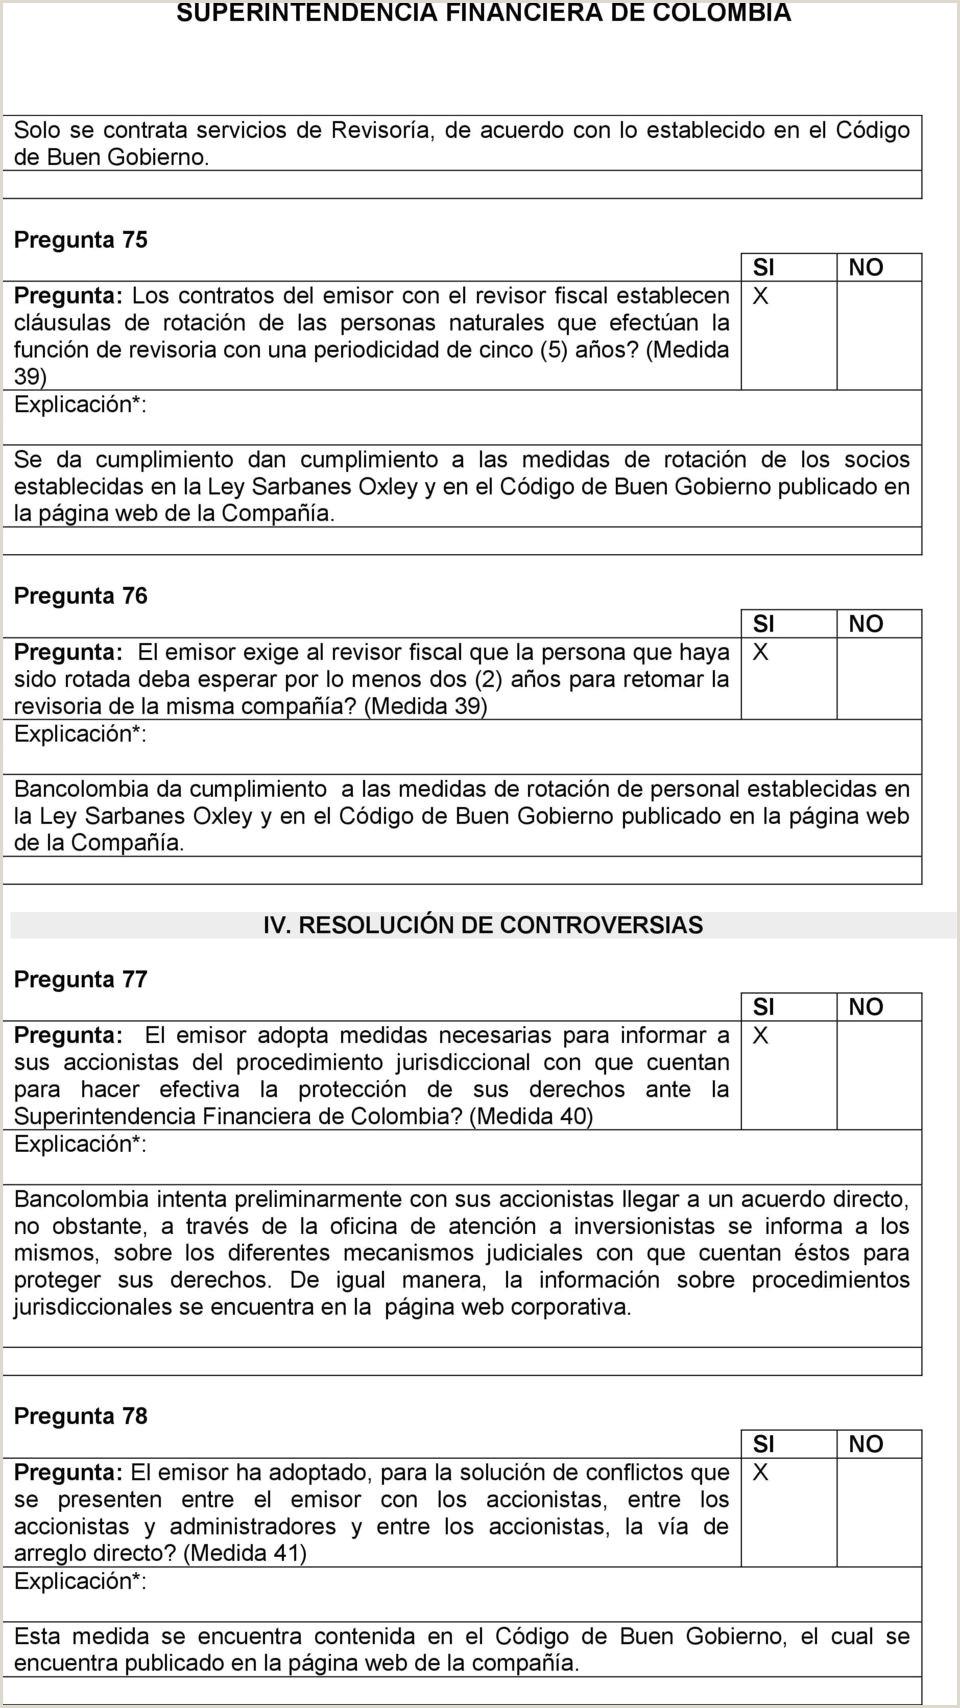 SUPERINTENDENCIA FINANCIERA DE COLOMBIA PDF